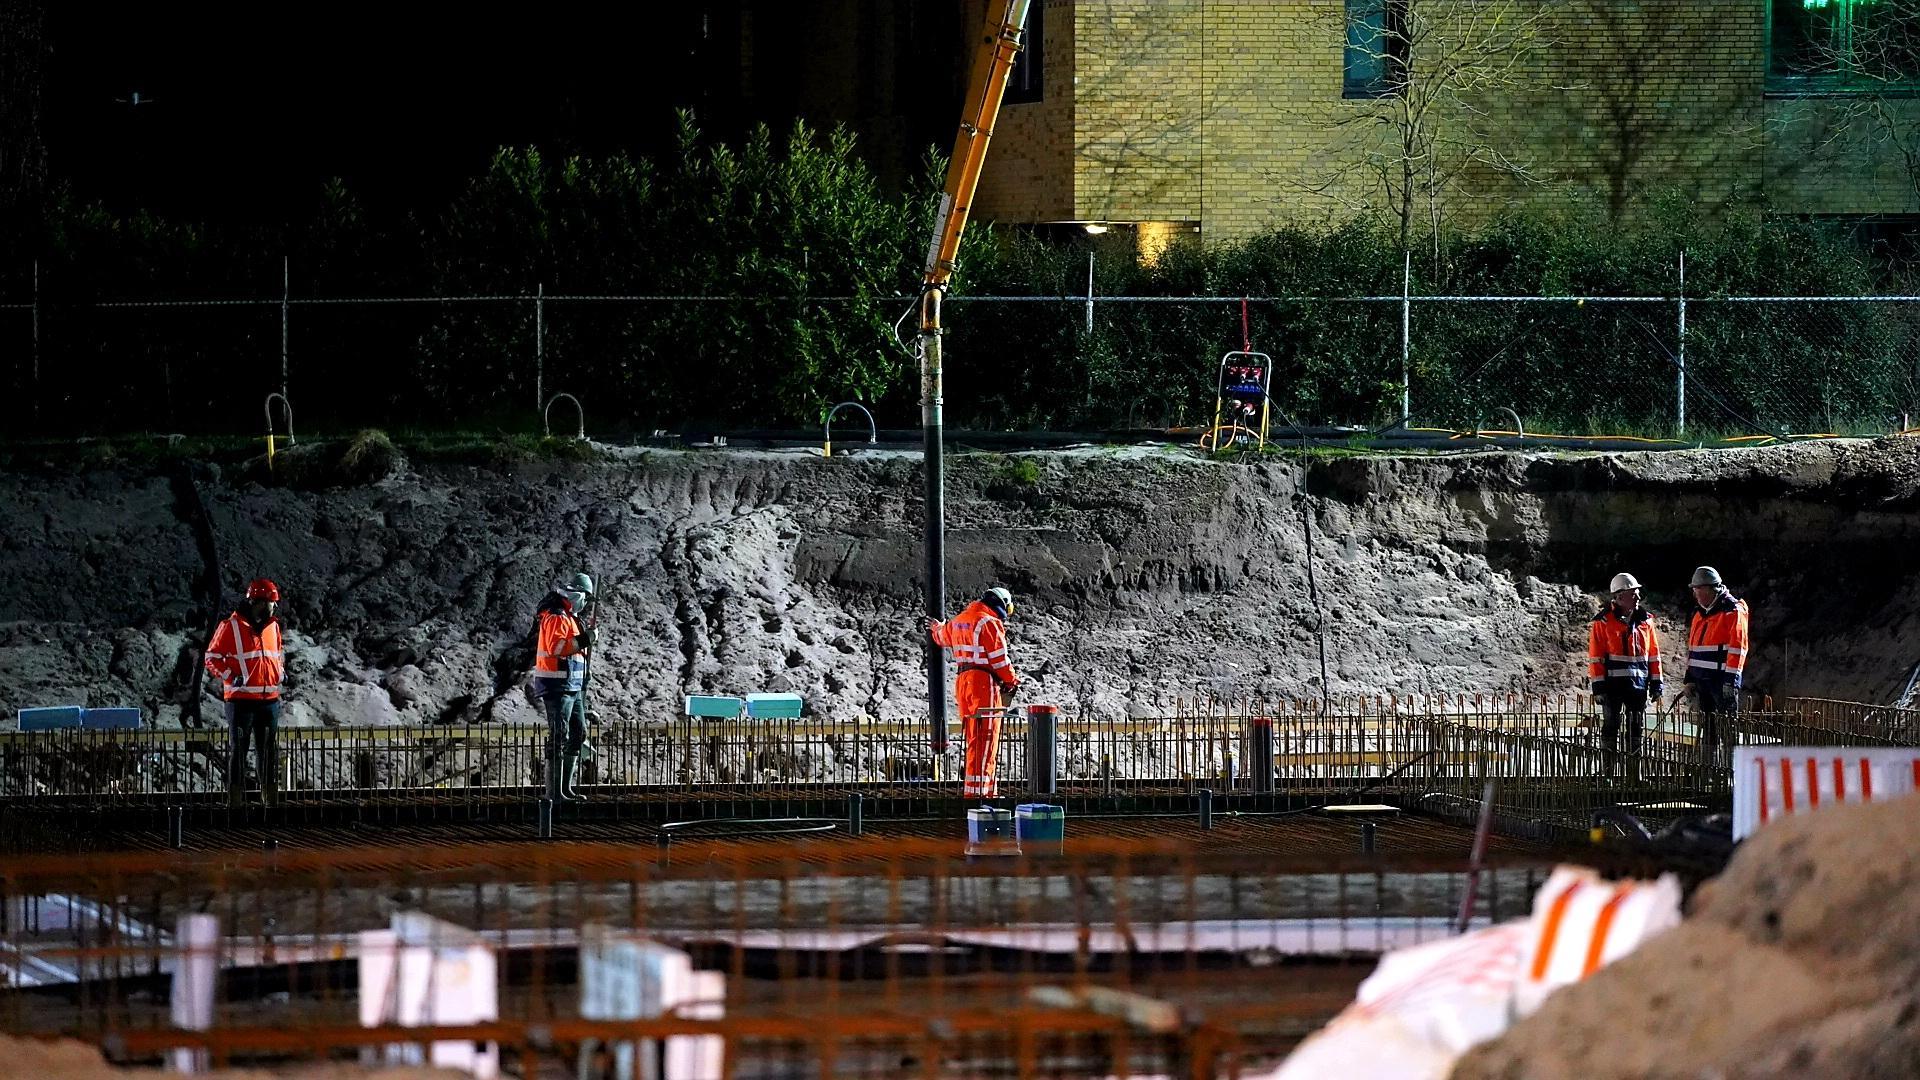 In alle vroegte, onder het licht van de bouwlampen, wordt in Bergen de betonnen vloer voor het nieuwe sportcomplex De Beeck gestort